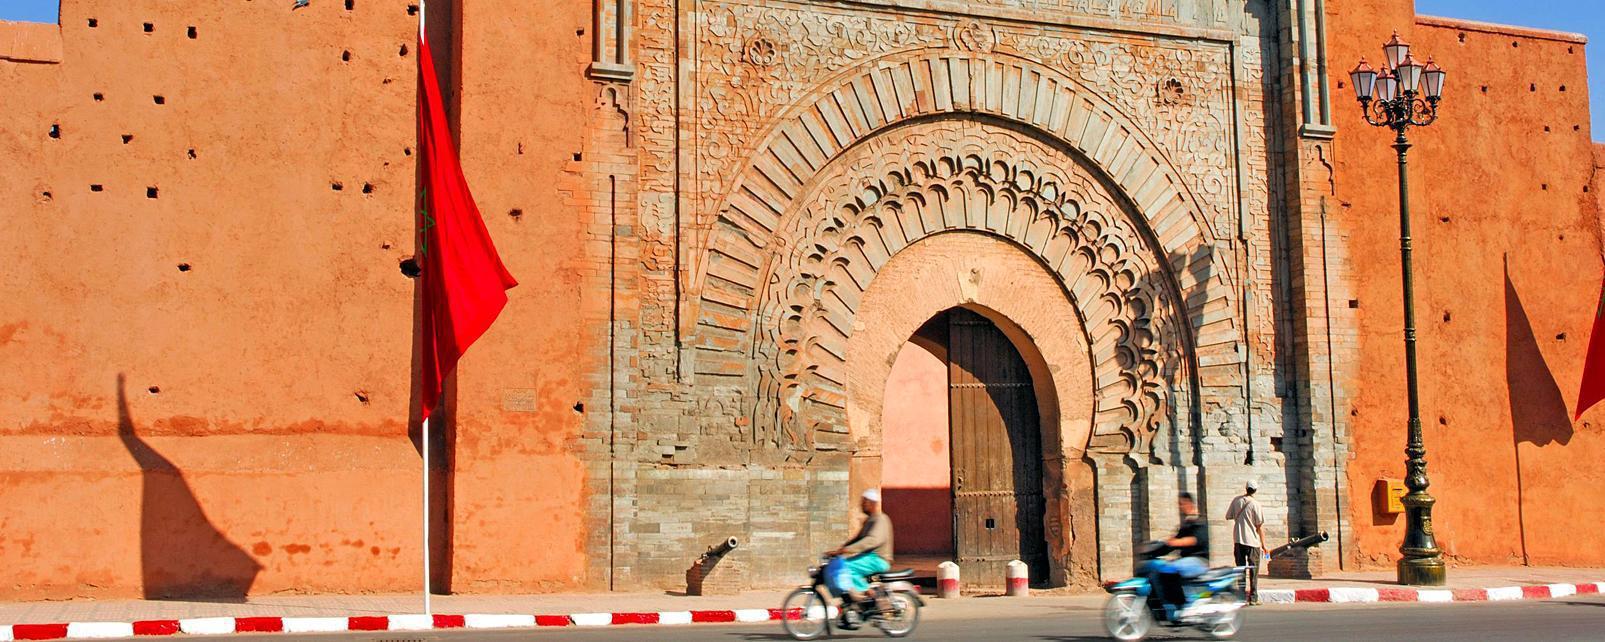 Afrique, Maroc, Marrakech, forteresse, médina, entrée, ville,